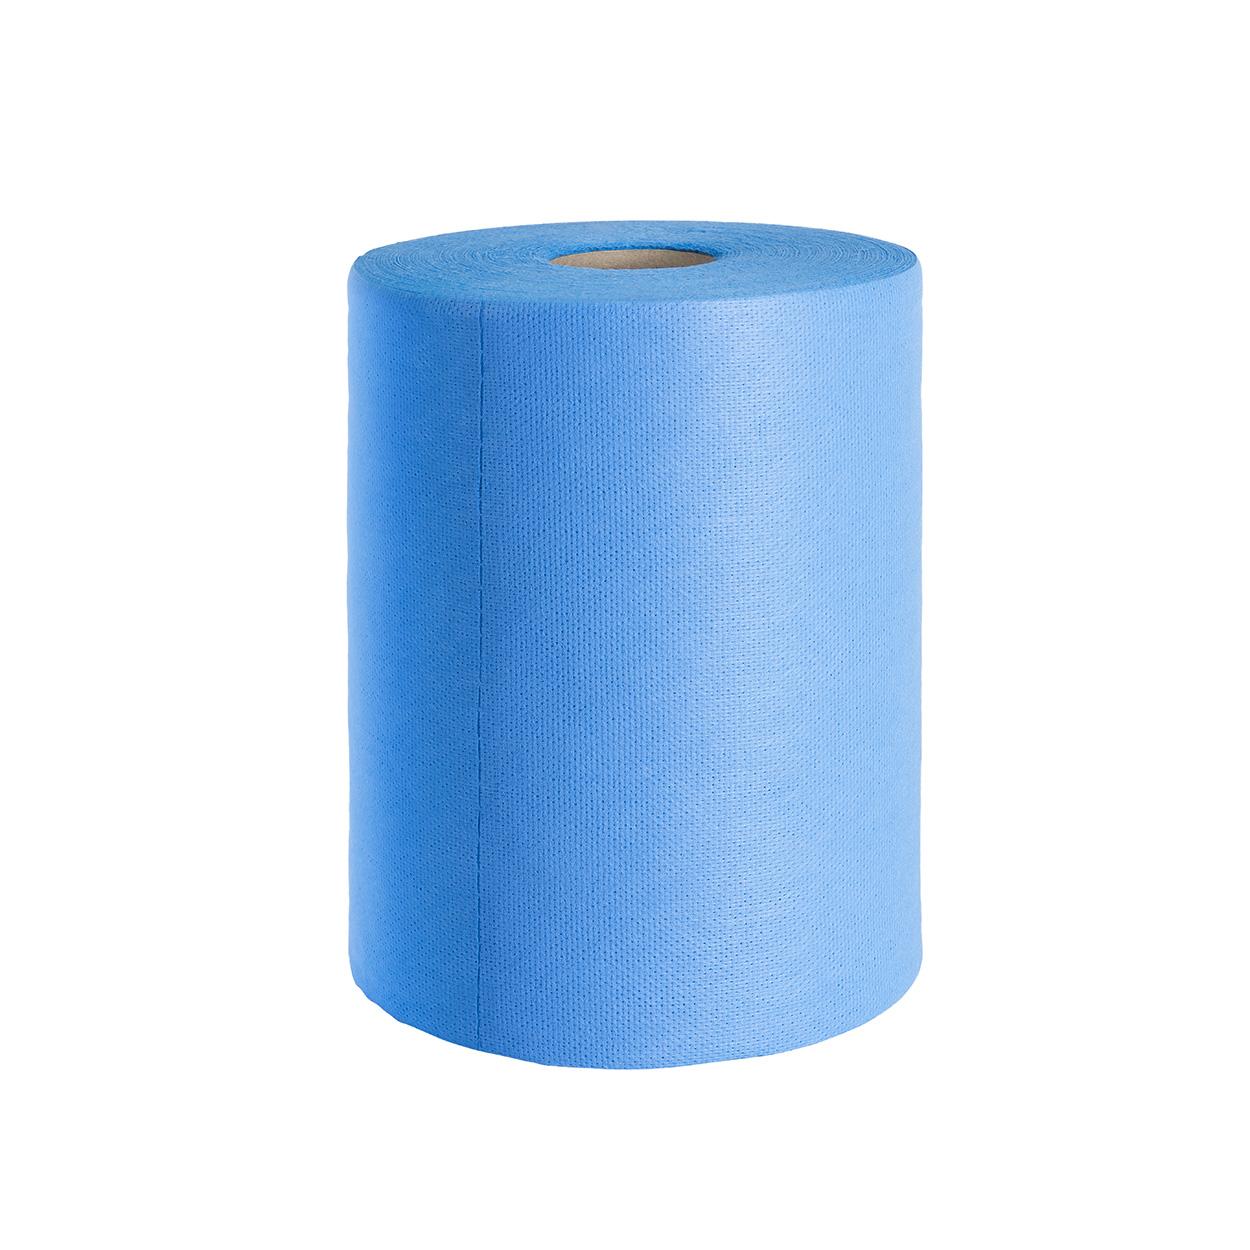 Farebná utierka pre hrubé čistenie - modrá